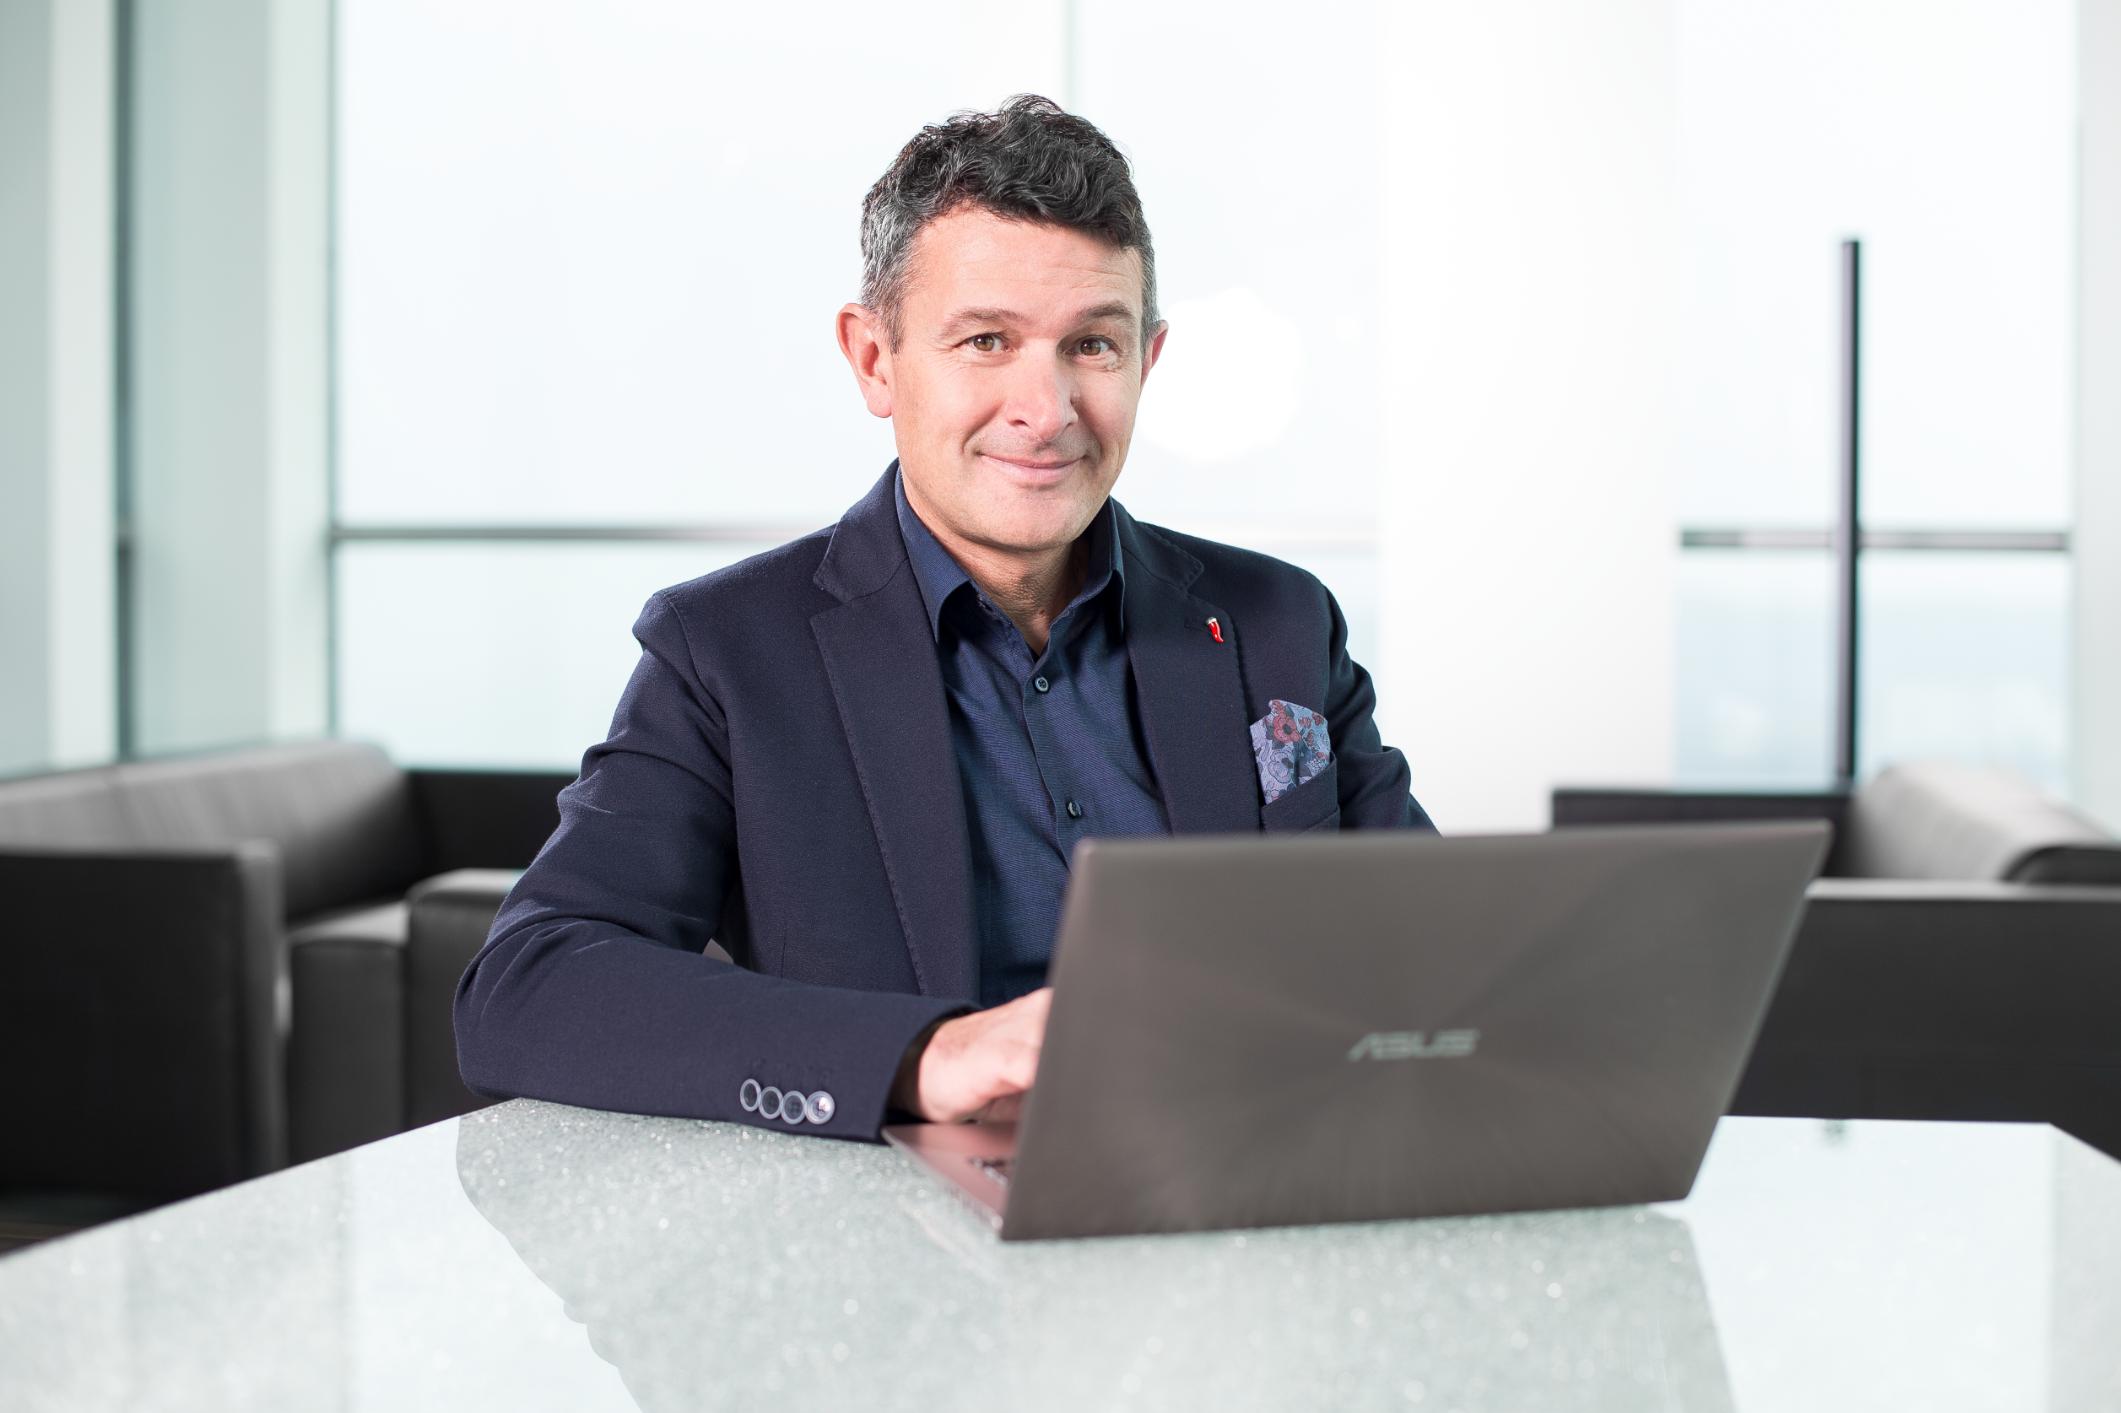 Rozhovor s Piotrem Grelou nejenom o DiNapoliho obchodních metodách